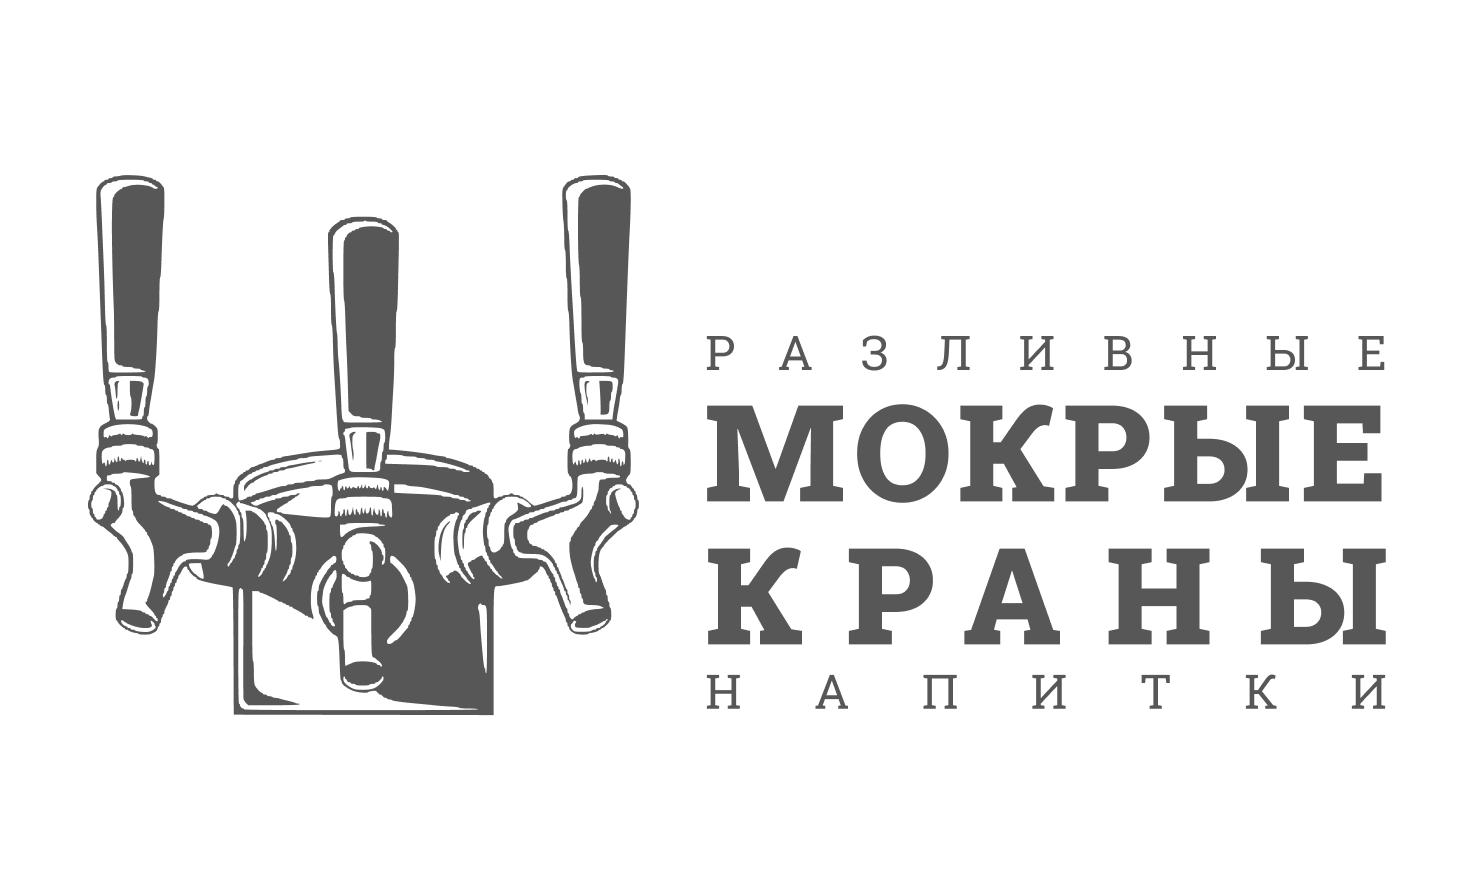 Вывеска/логотип для пивного магазина фото f_2746025363231099.png